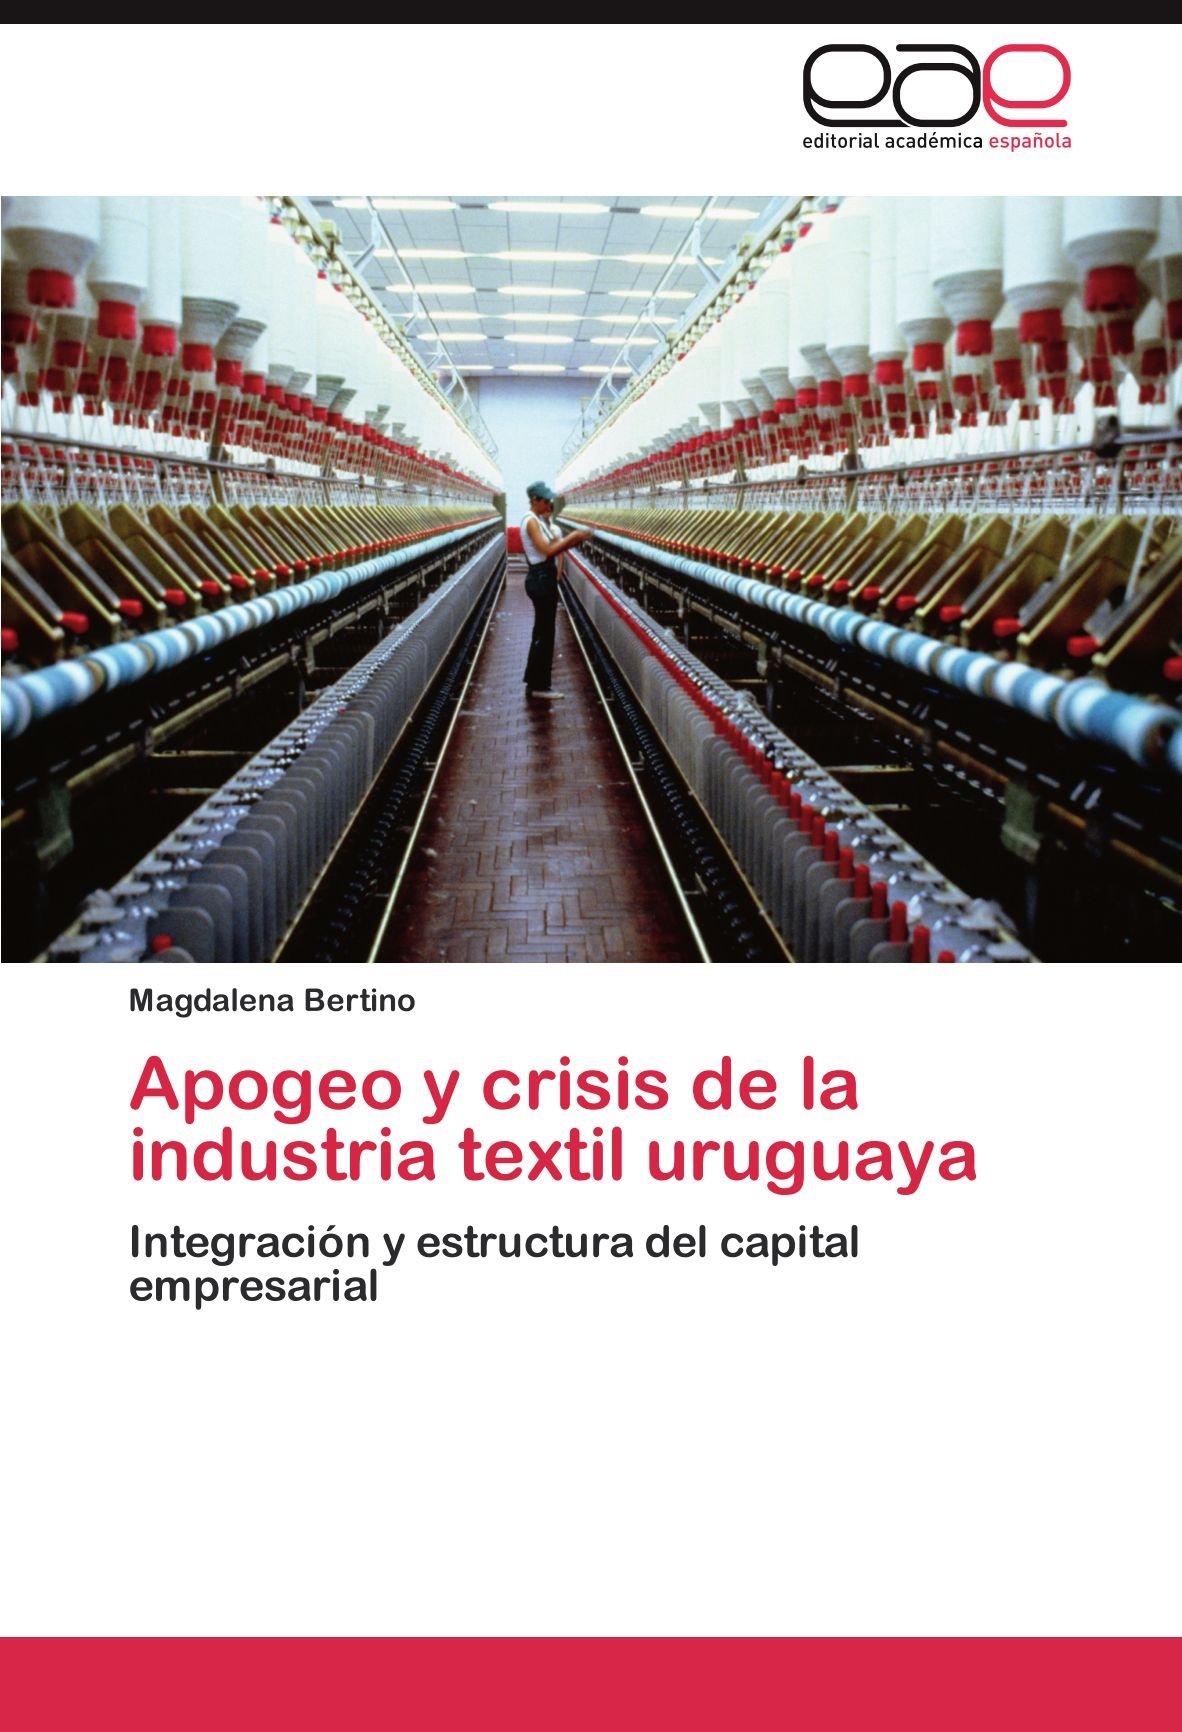 Download Apogeo y crisis de la industria textil uruguaya: Integración y estructura del capital empresarial (Spanish Edition) ebook